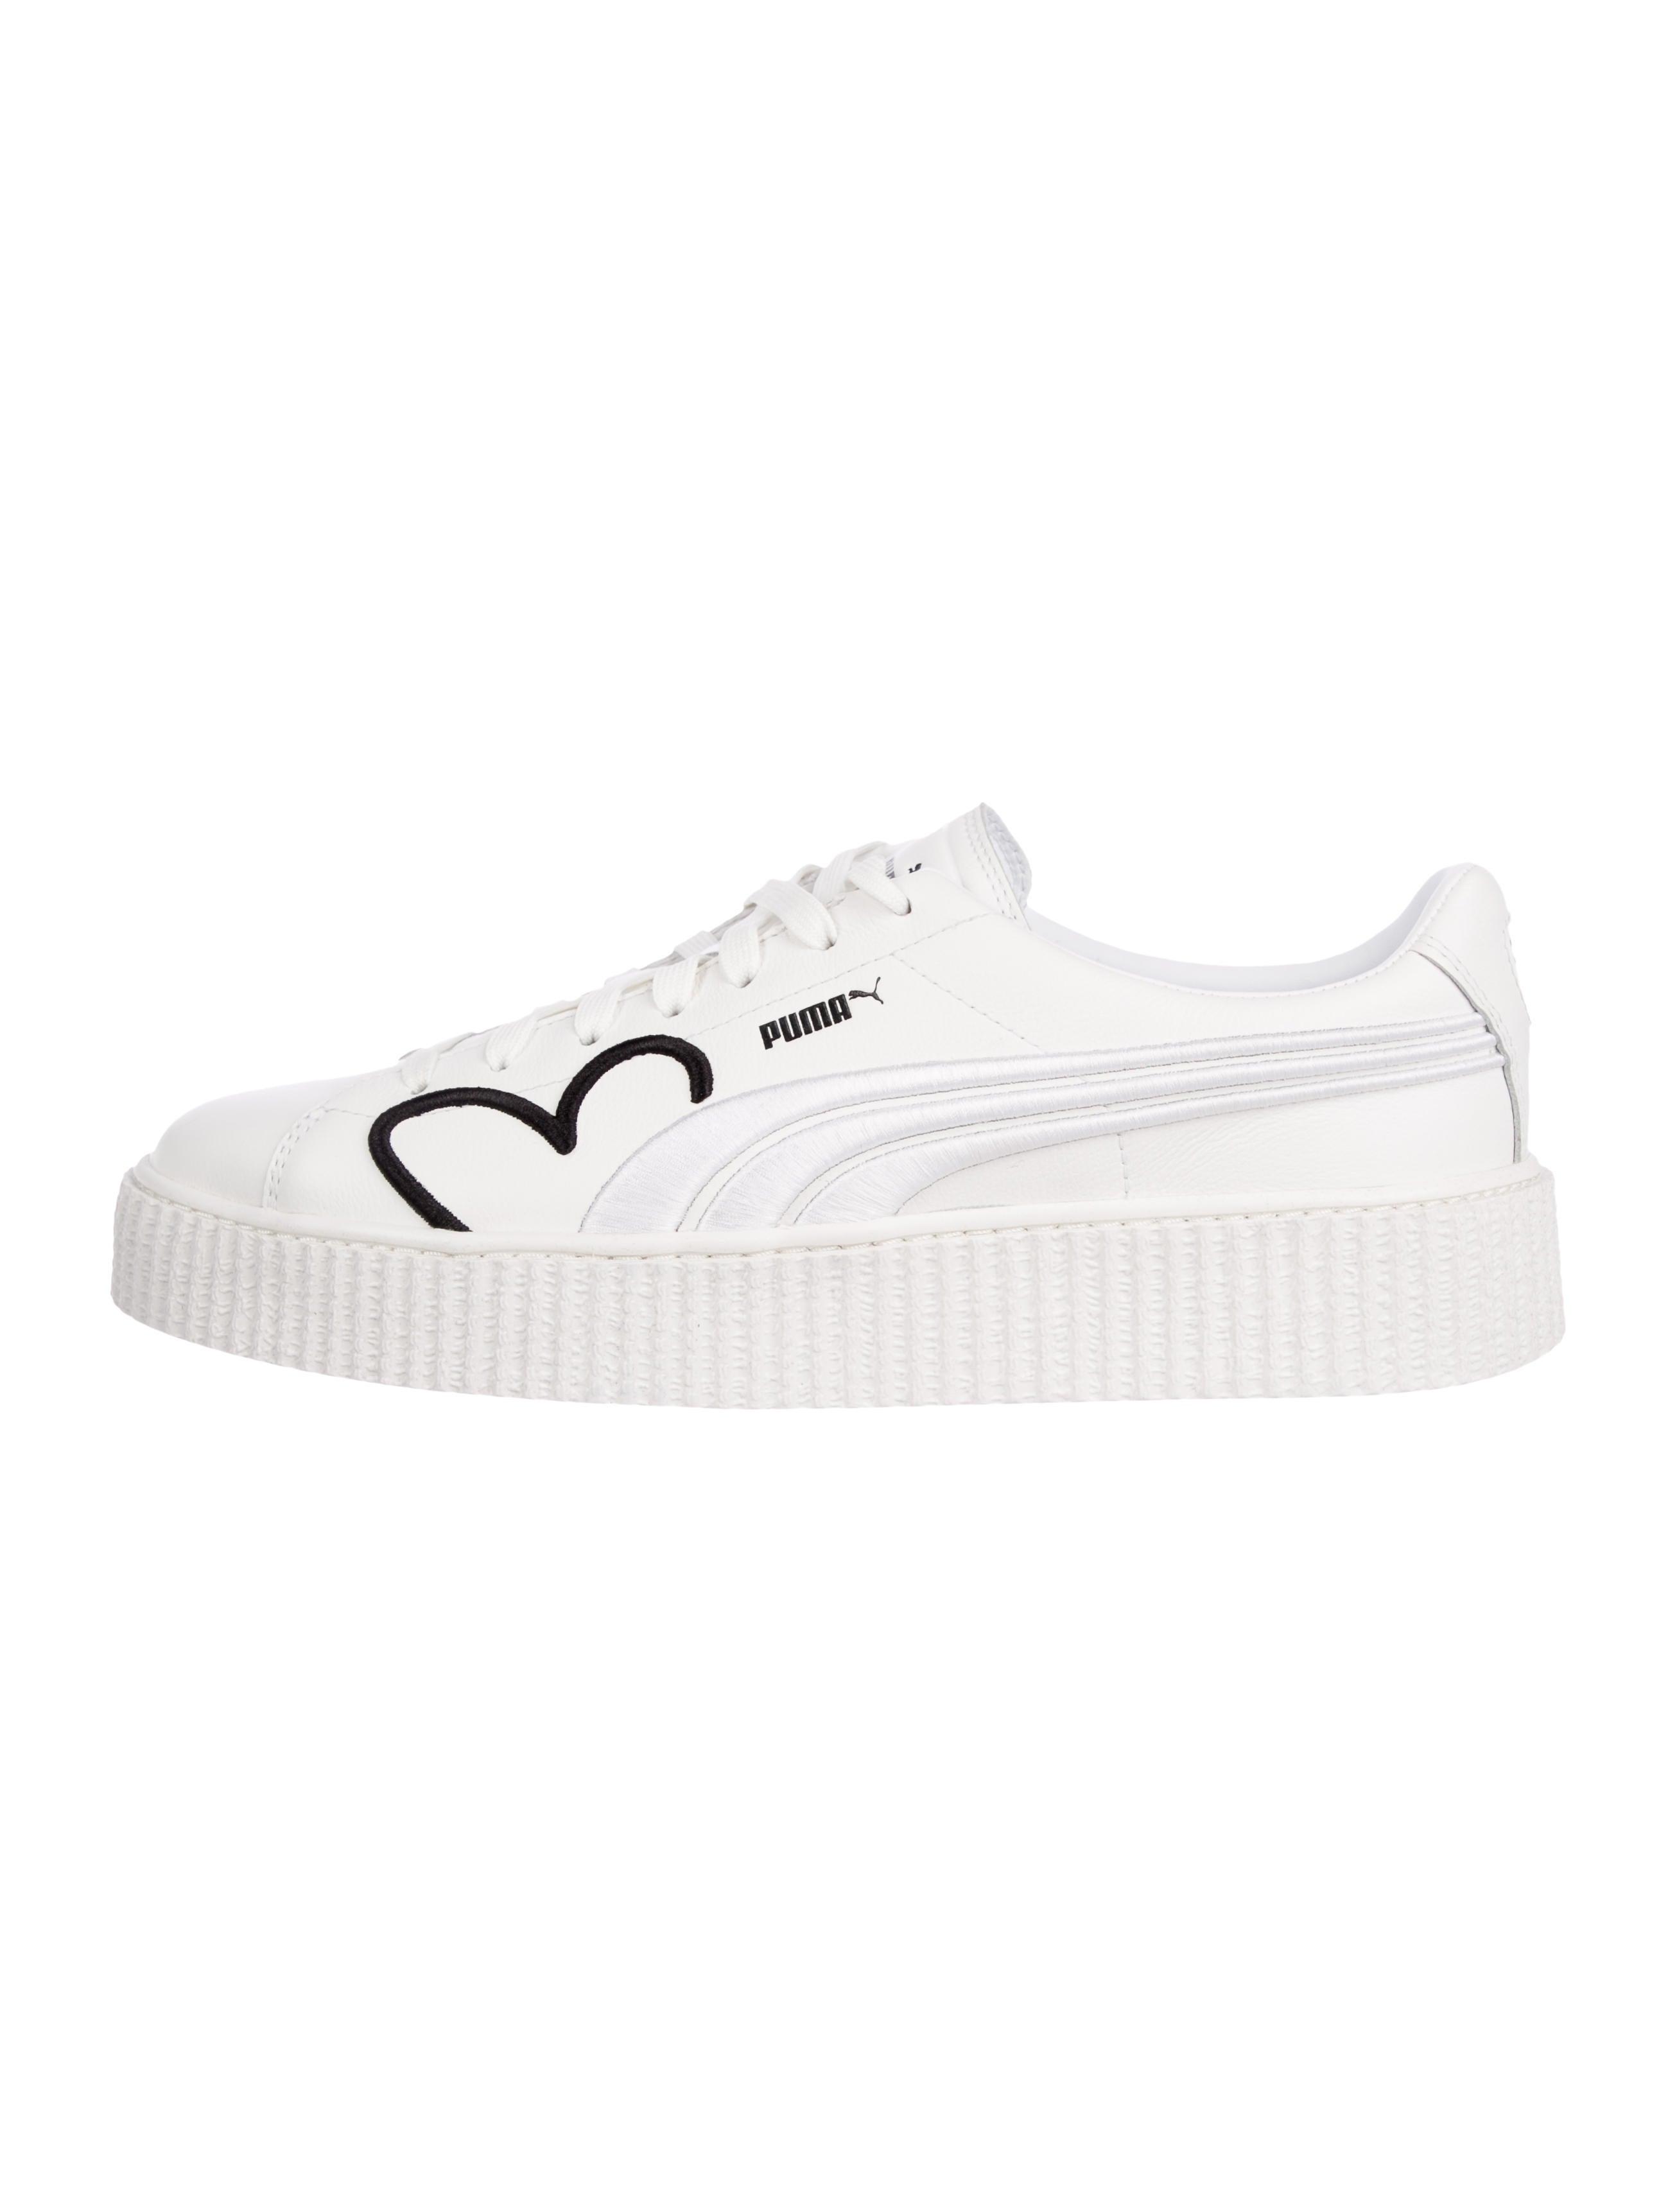 pretty nice 37066 4e7c5 Clara Lionel Creeper Sneakers